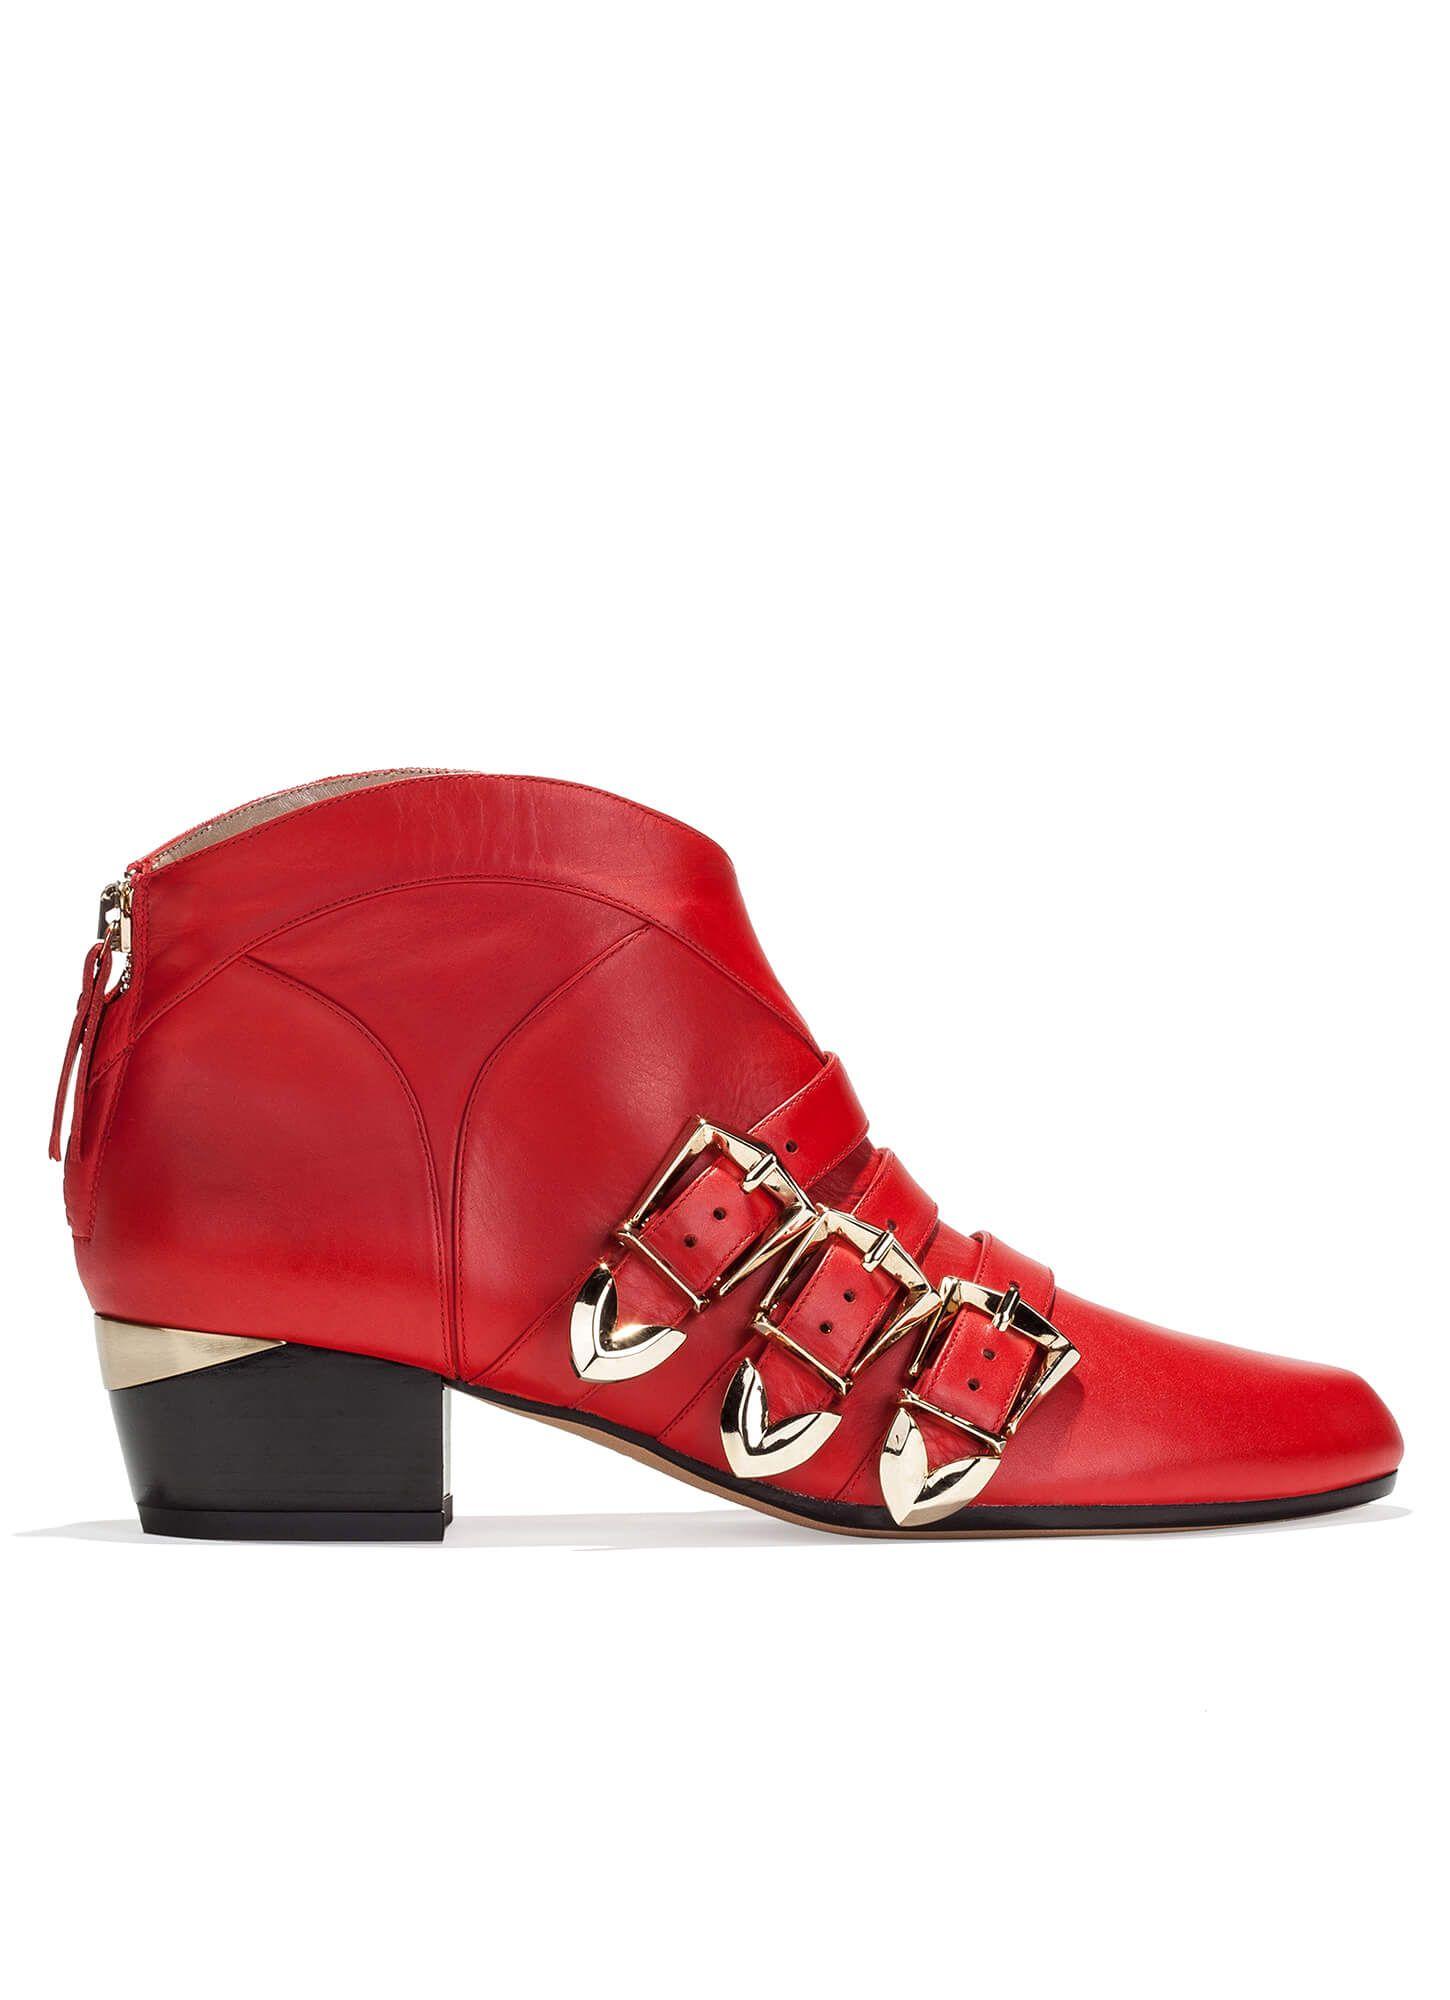 Pura PURA tacón LOPEZ medio de rojos tienda · López en Botines de piel zapatos qzFZ7xFSw